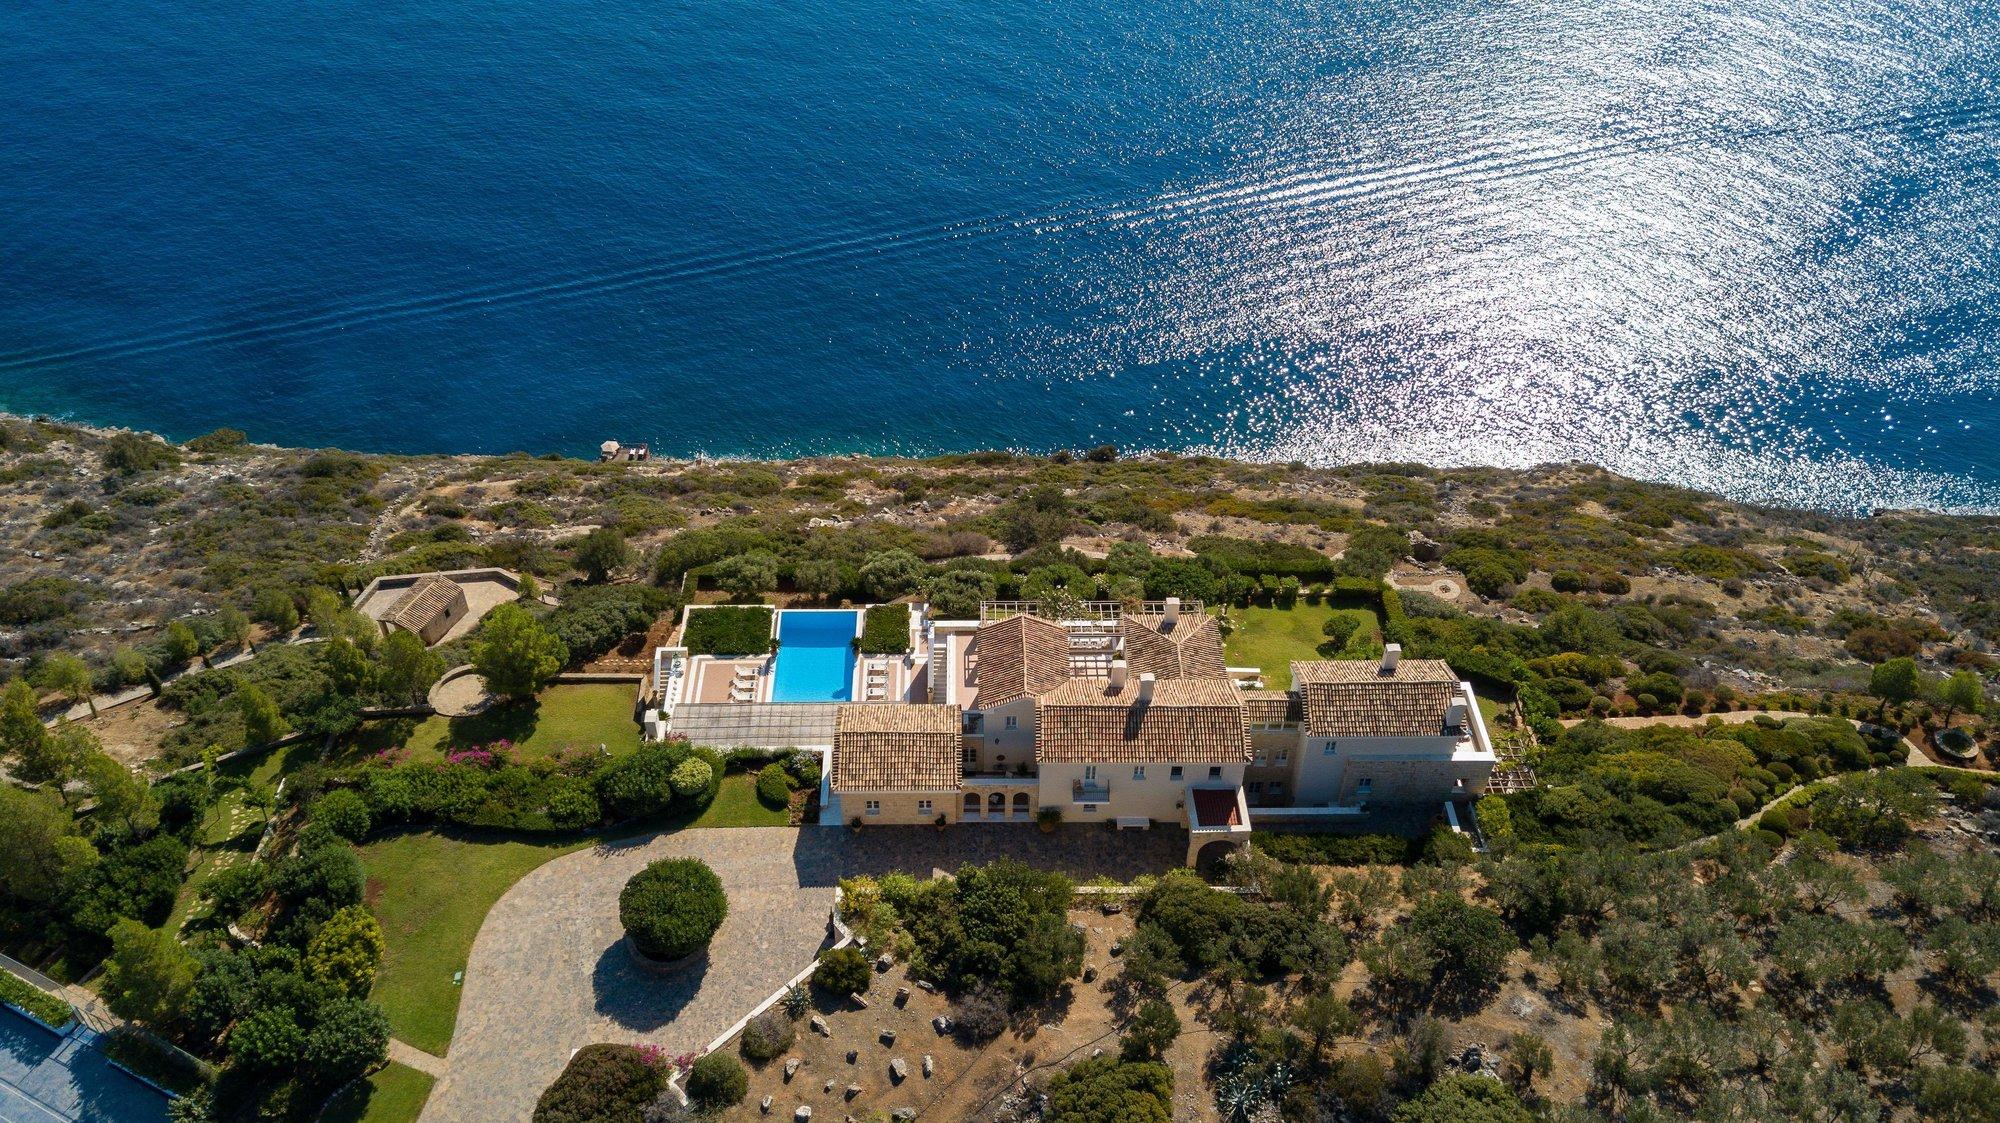 House in Agios Nikolaos, Greece 1